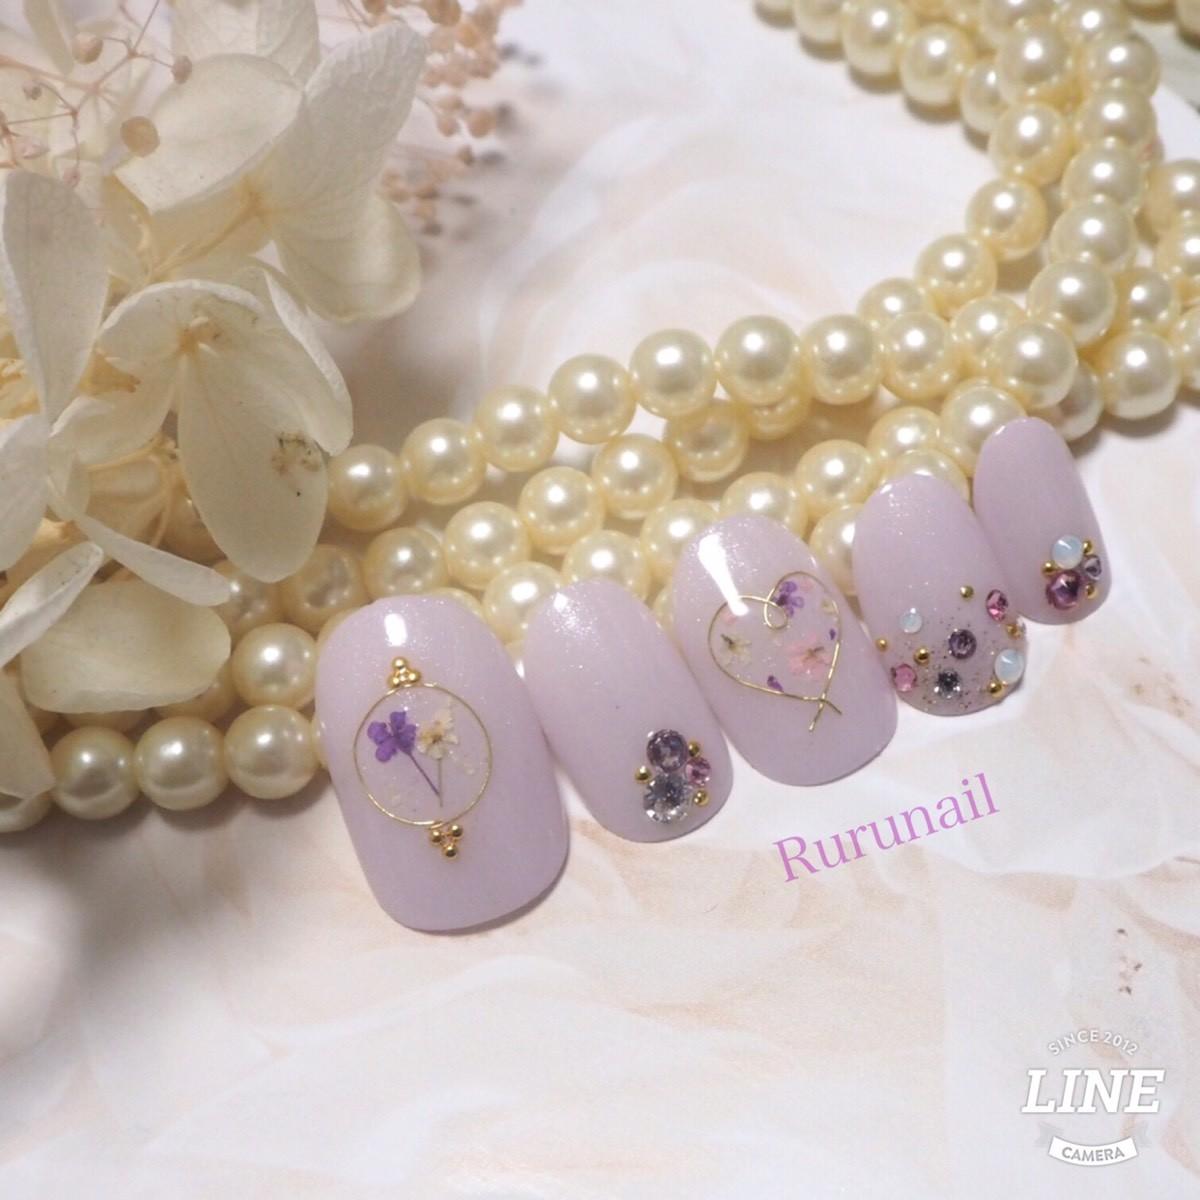 画像3: プリンセスの押し花ブライダルネイルチップ(076